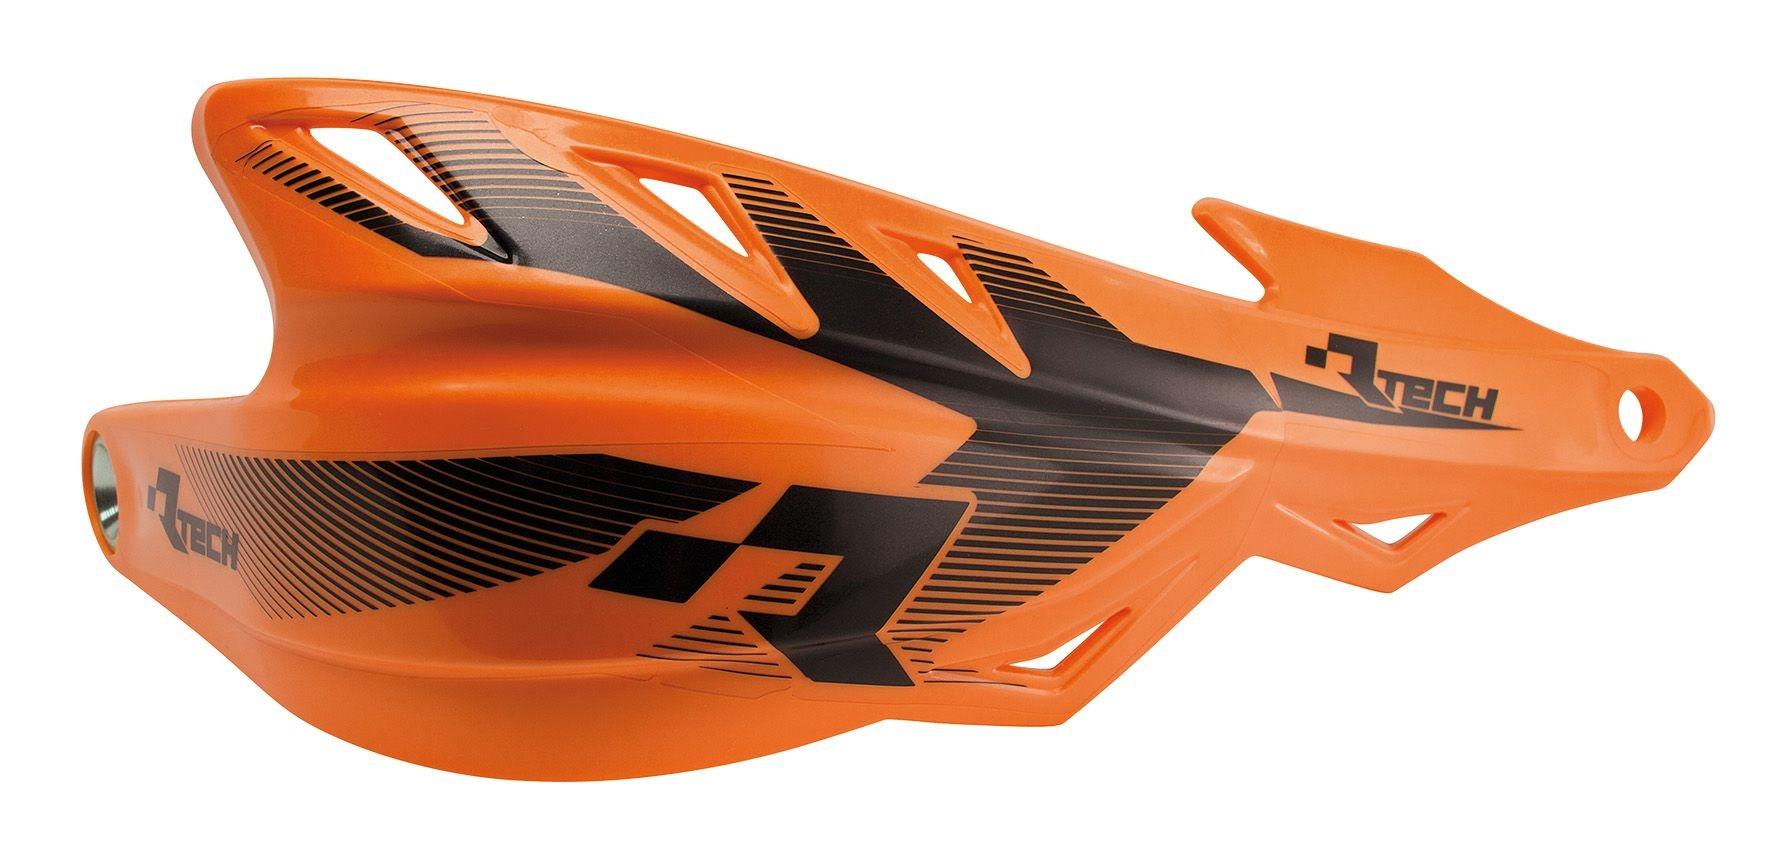 Protège-mains Racetech Raptor Oranges